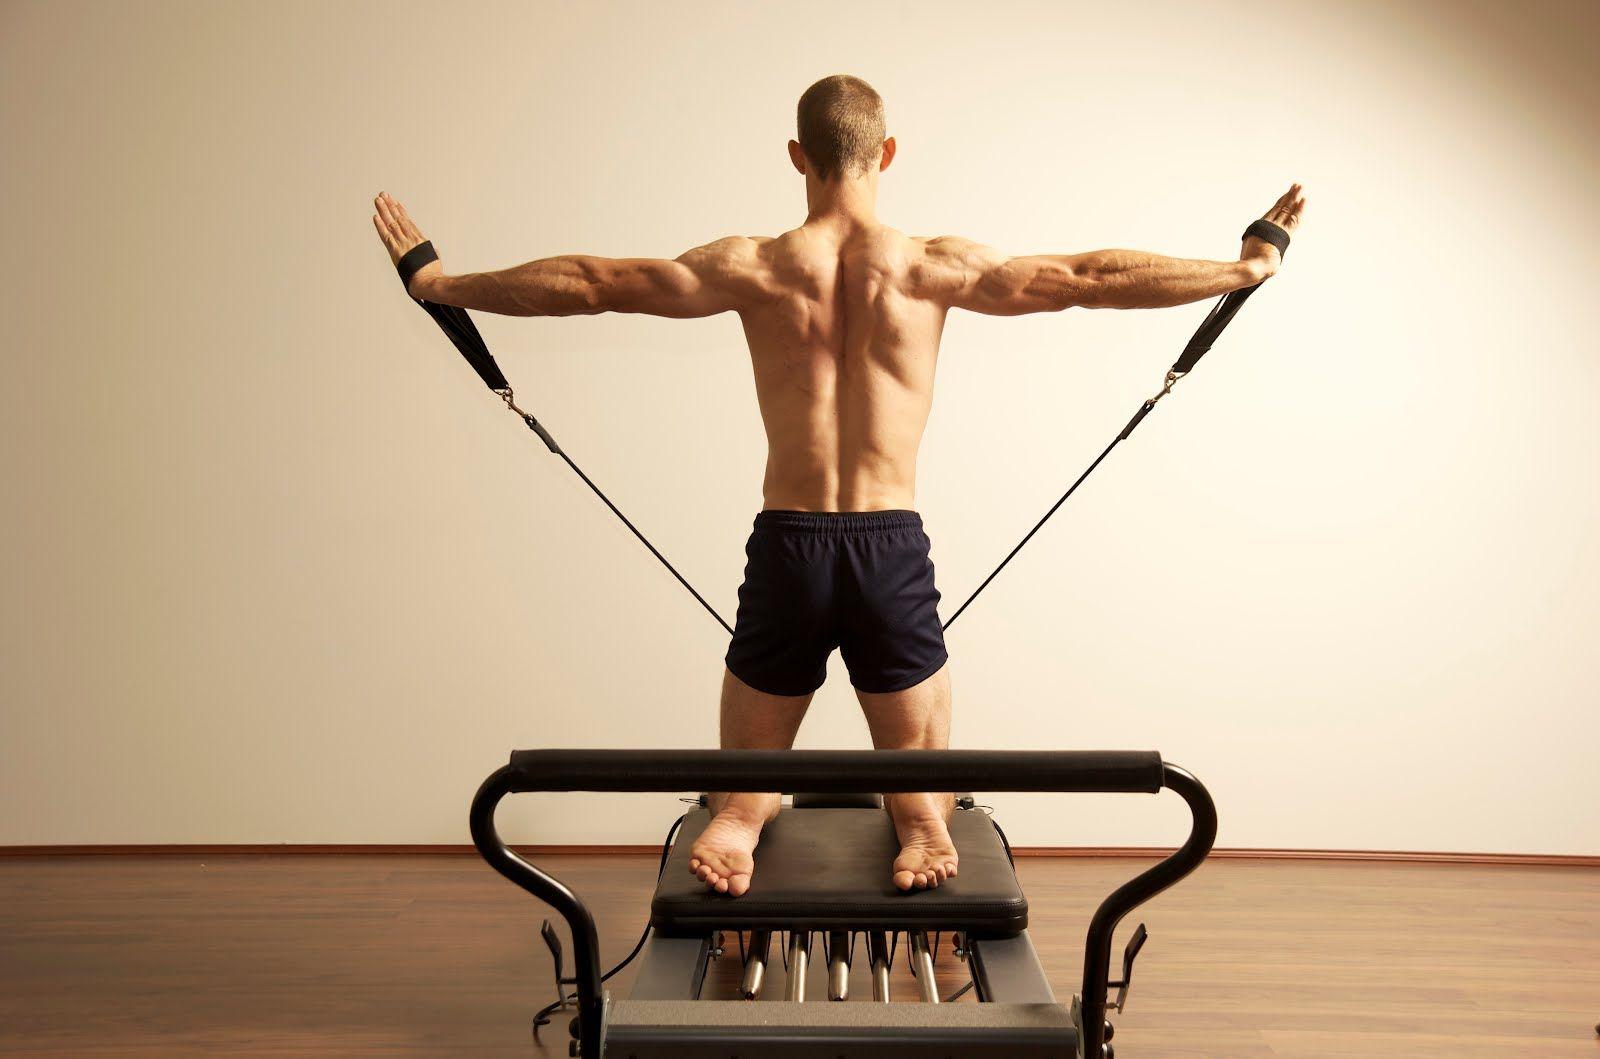 Pilates Ideas Para Tu Rutina Hombres Taispa Pilates Pilates For Men Pilates Reformer Pilates Workout